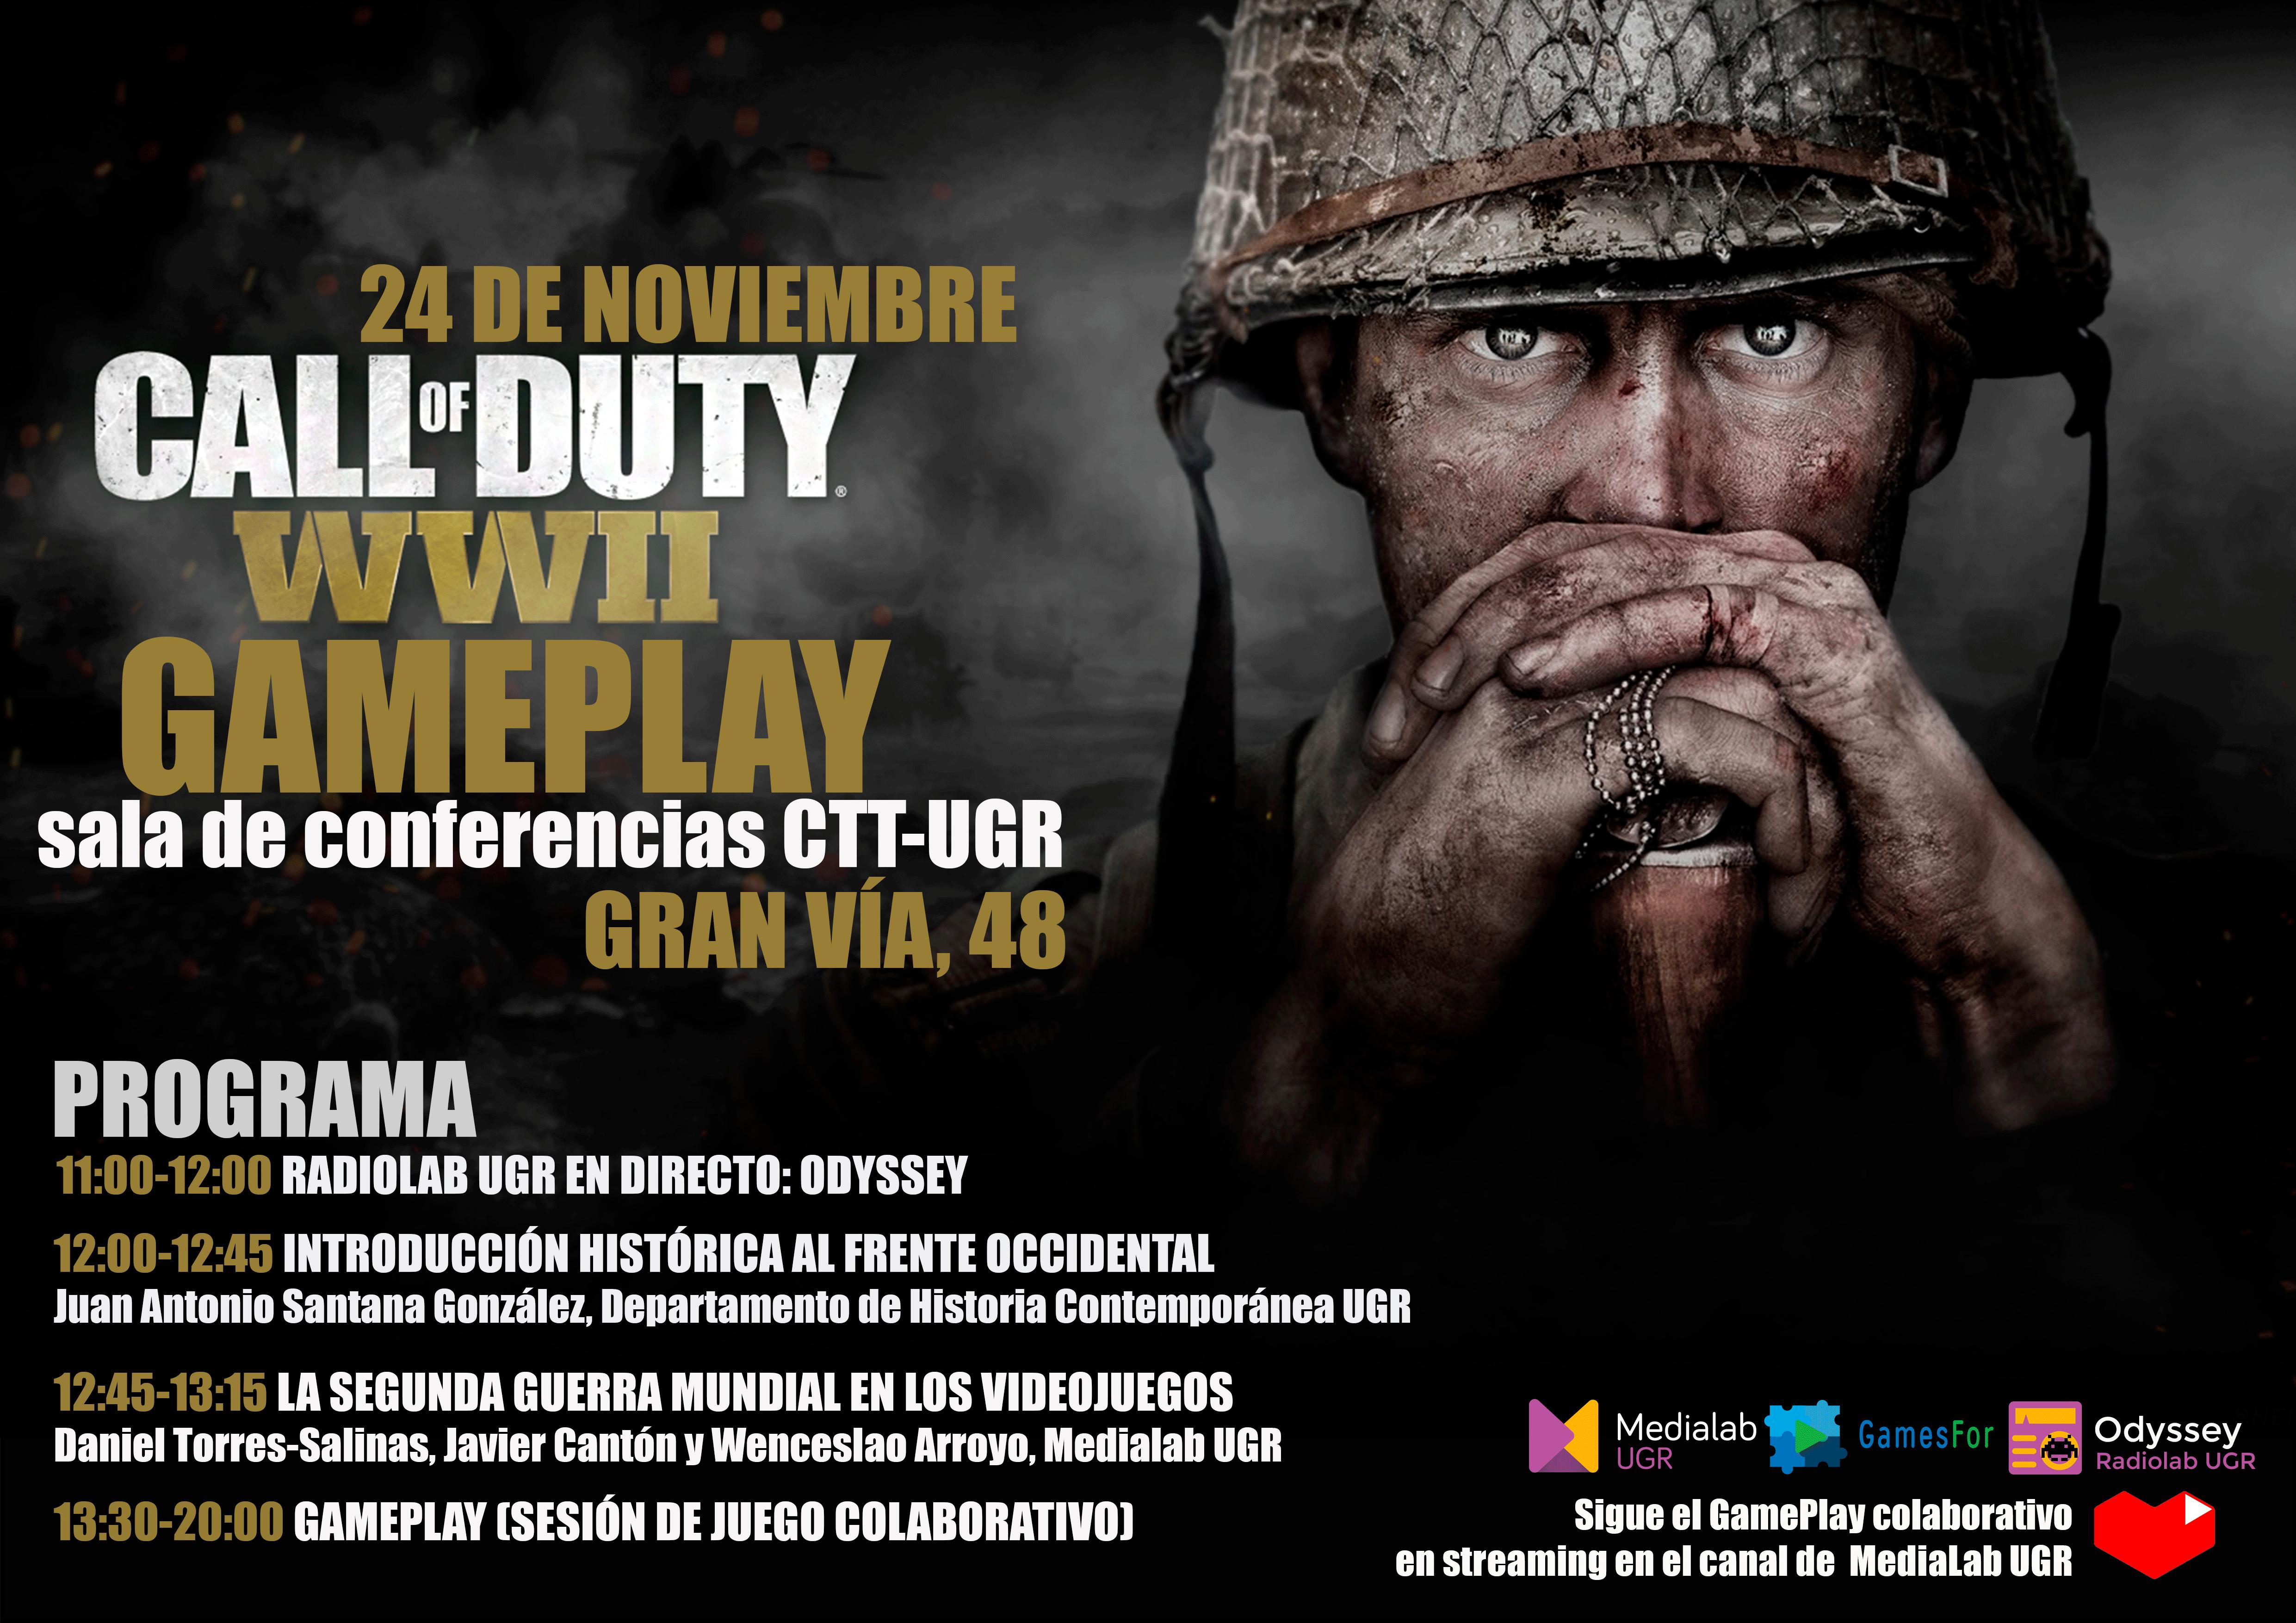 ¿Jugar al Call of Duty en el Vicerrectorado? Es posible con GamesFor